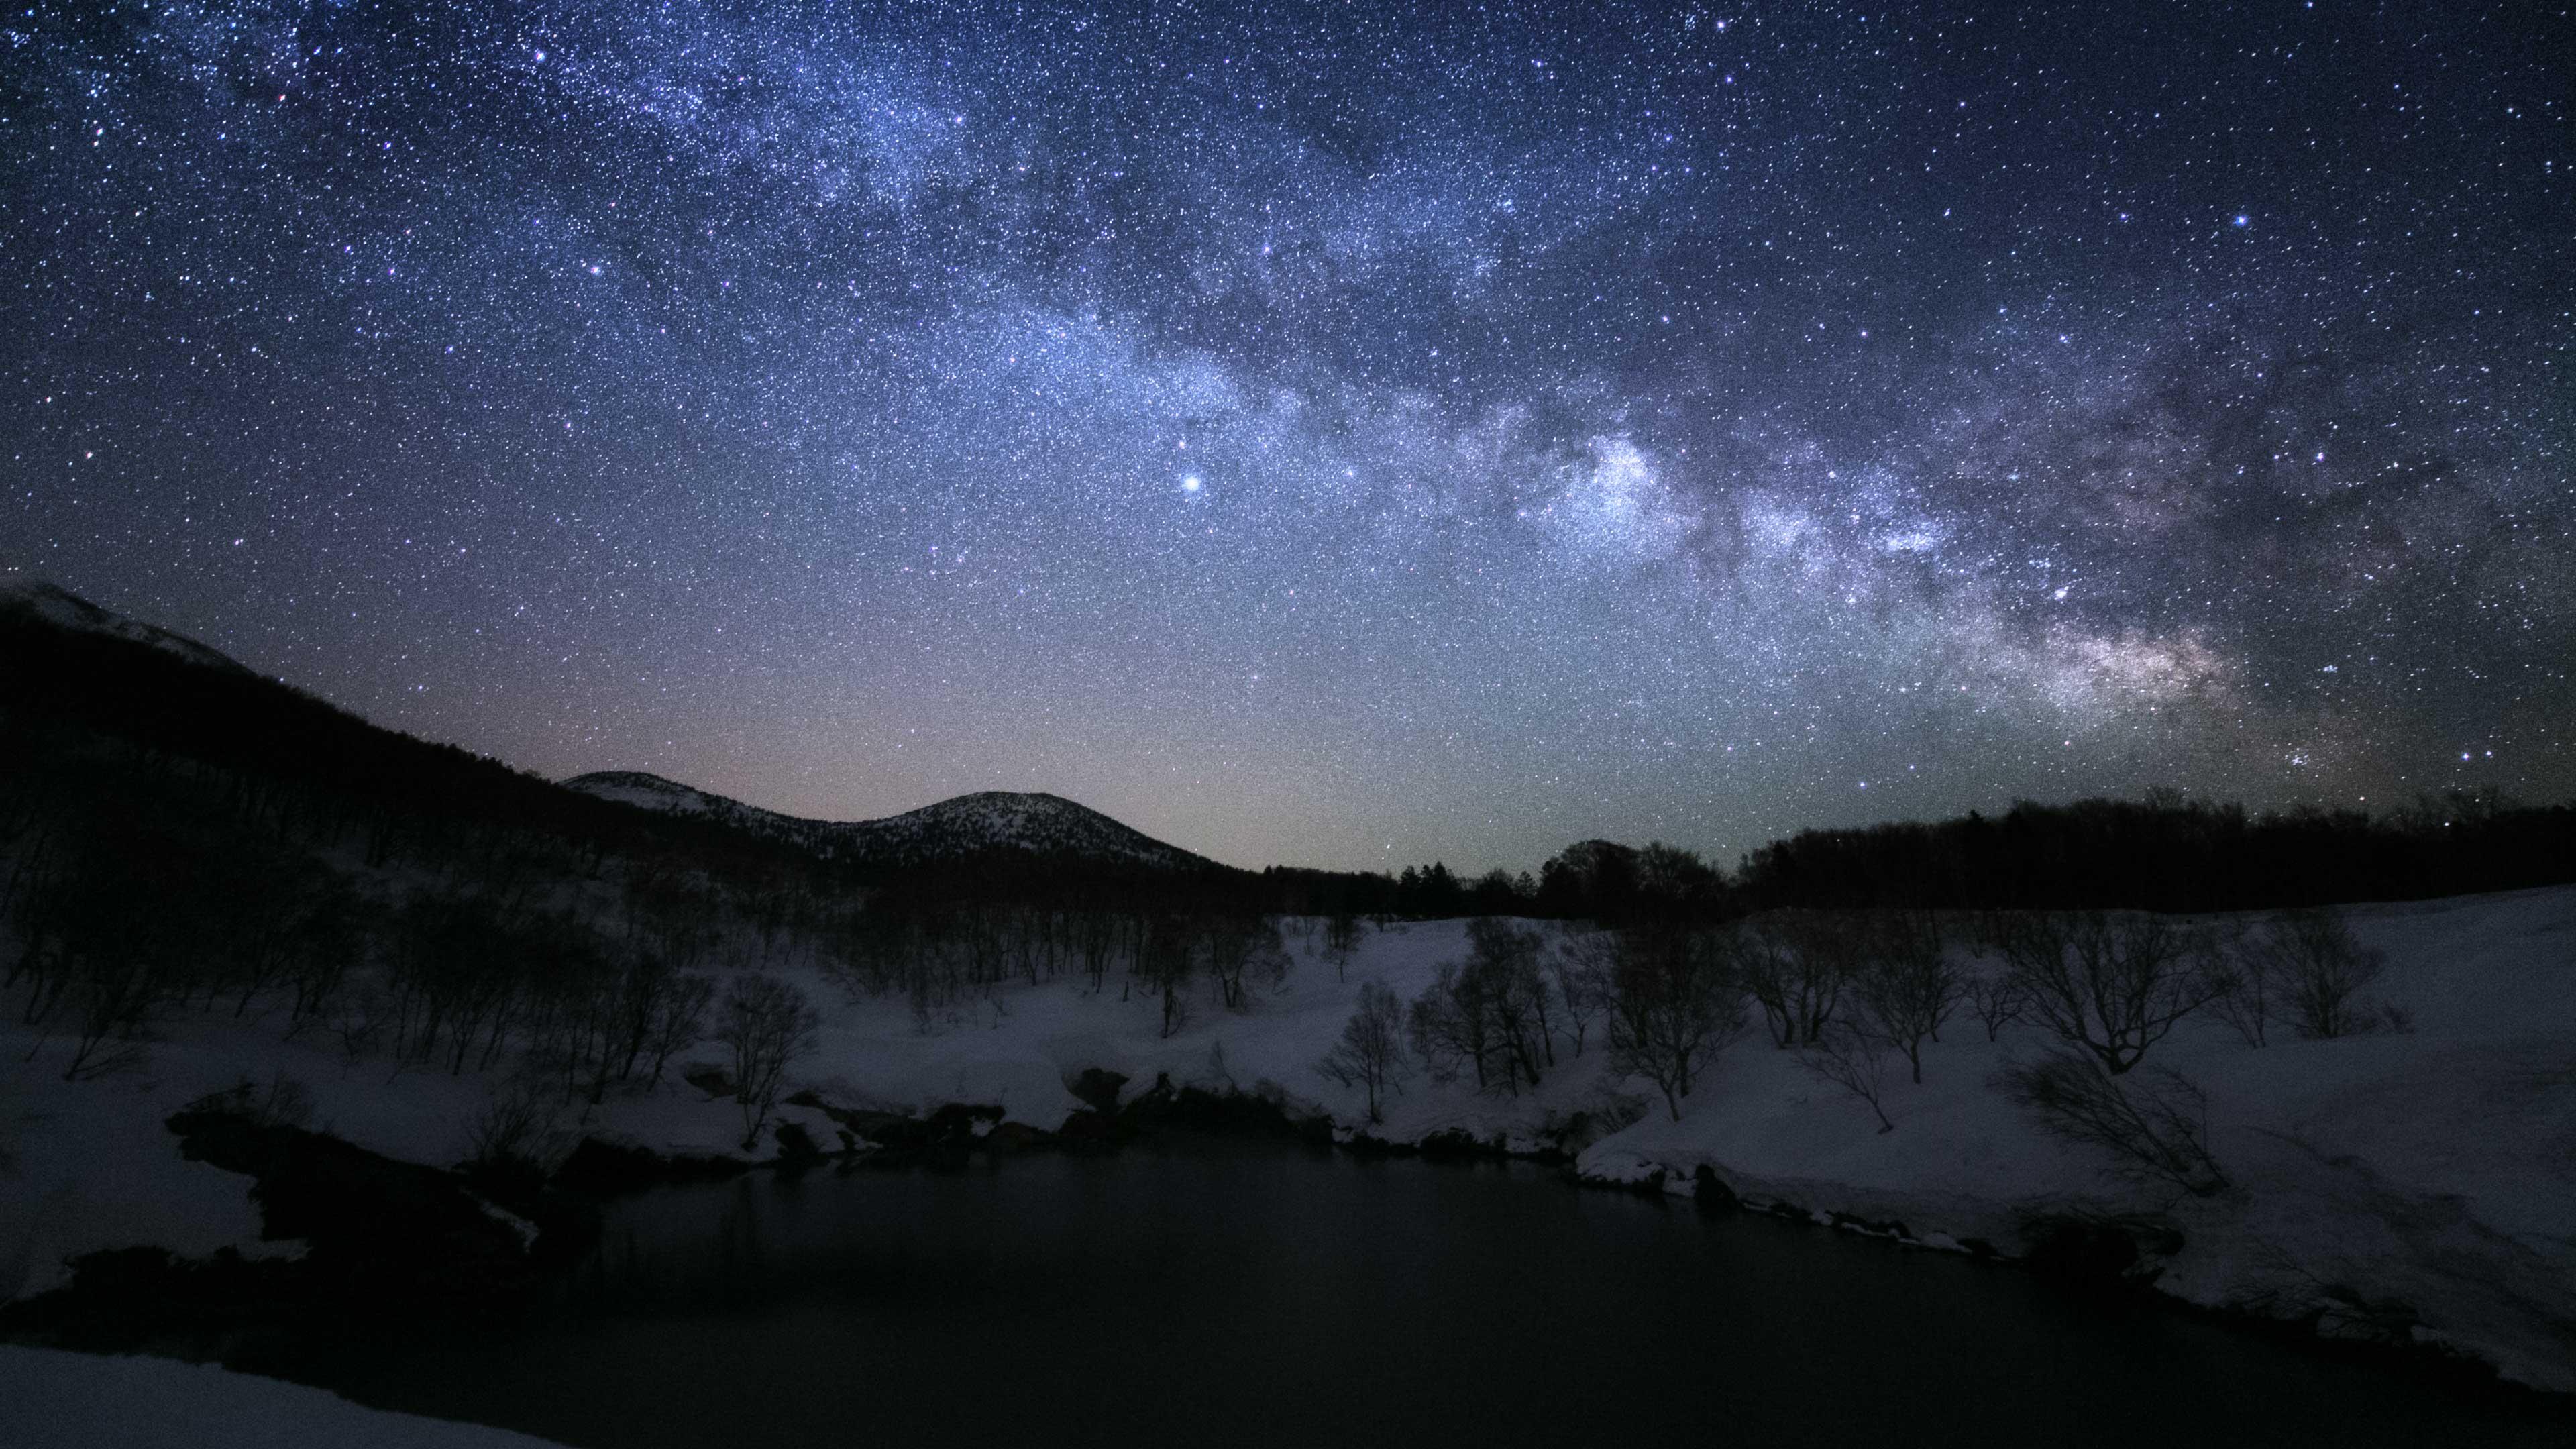 八甲田冬春-(0-02-29-11)